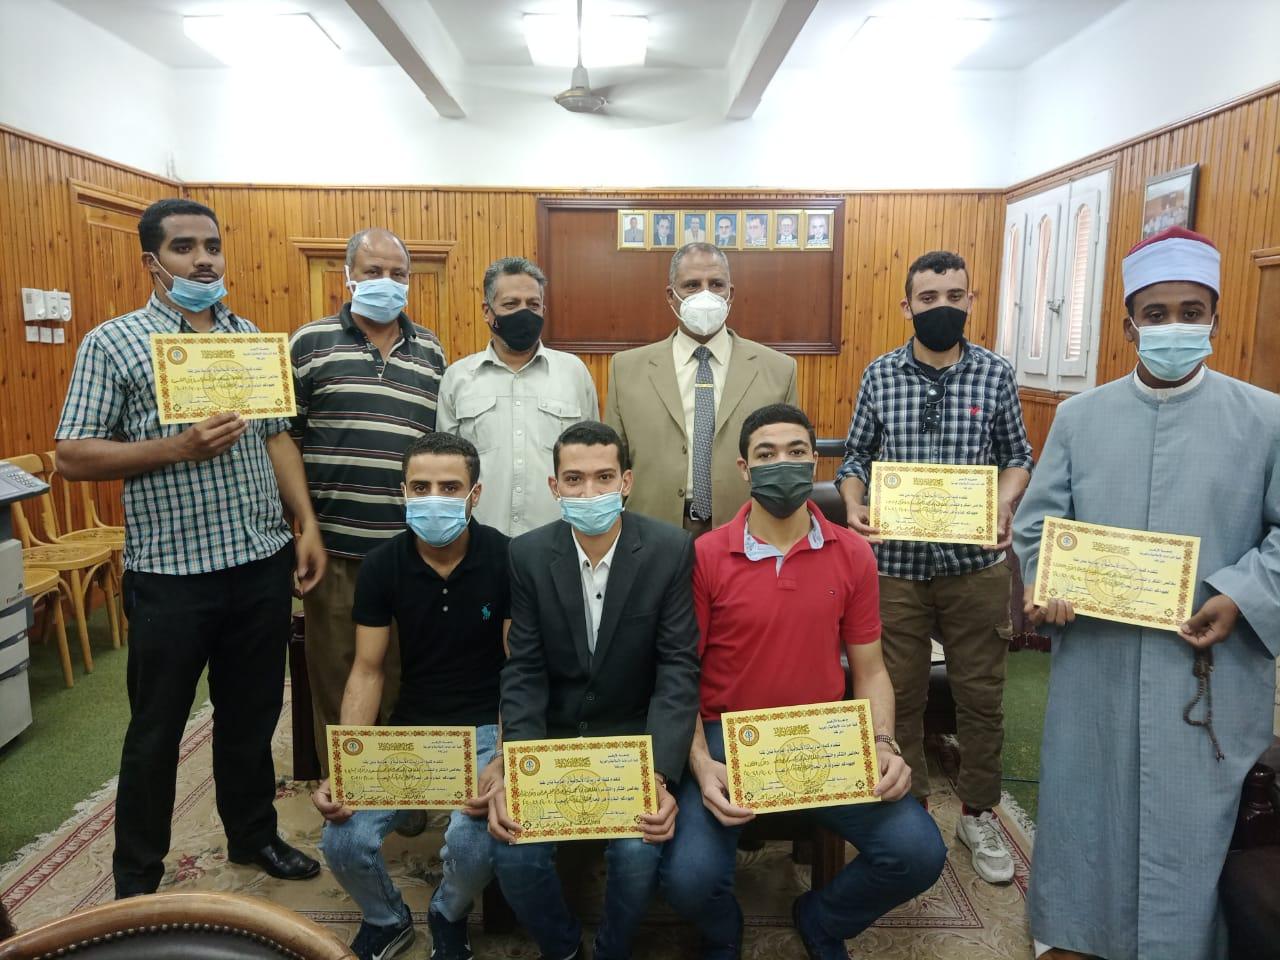 أسماء المتميزين الفائزين في مسابقة القرآن الكريم بكلية الدراسات الإسلامية بقنا